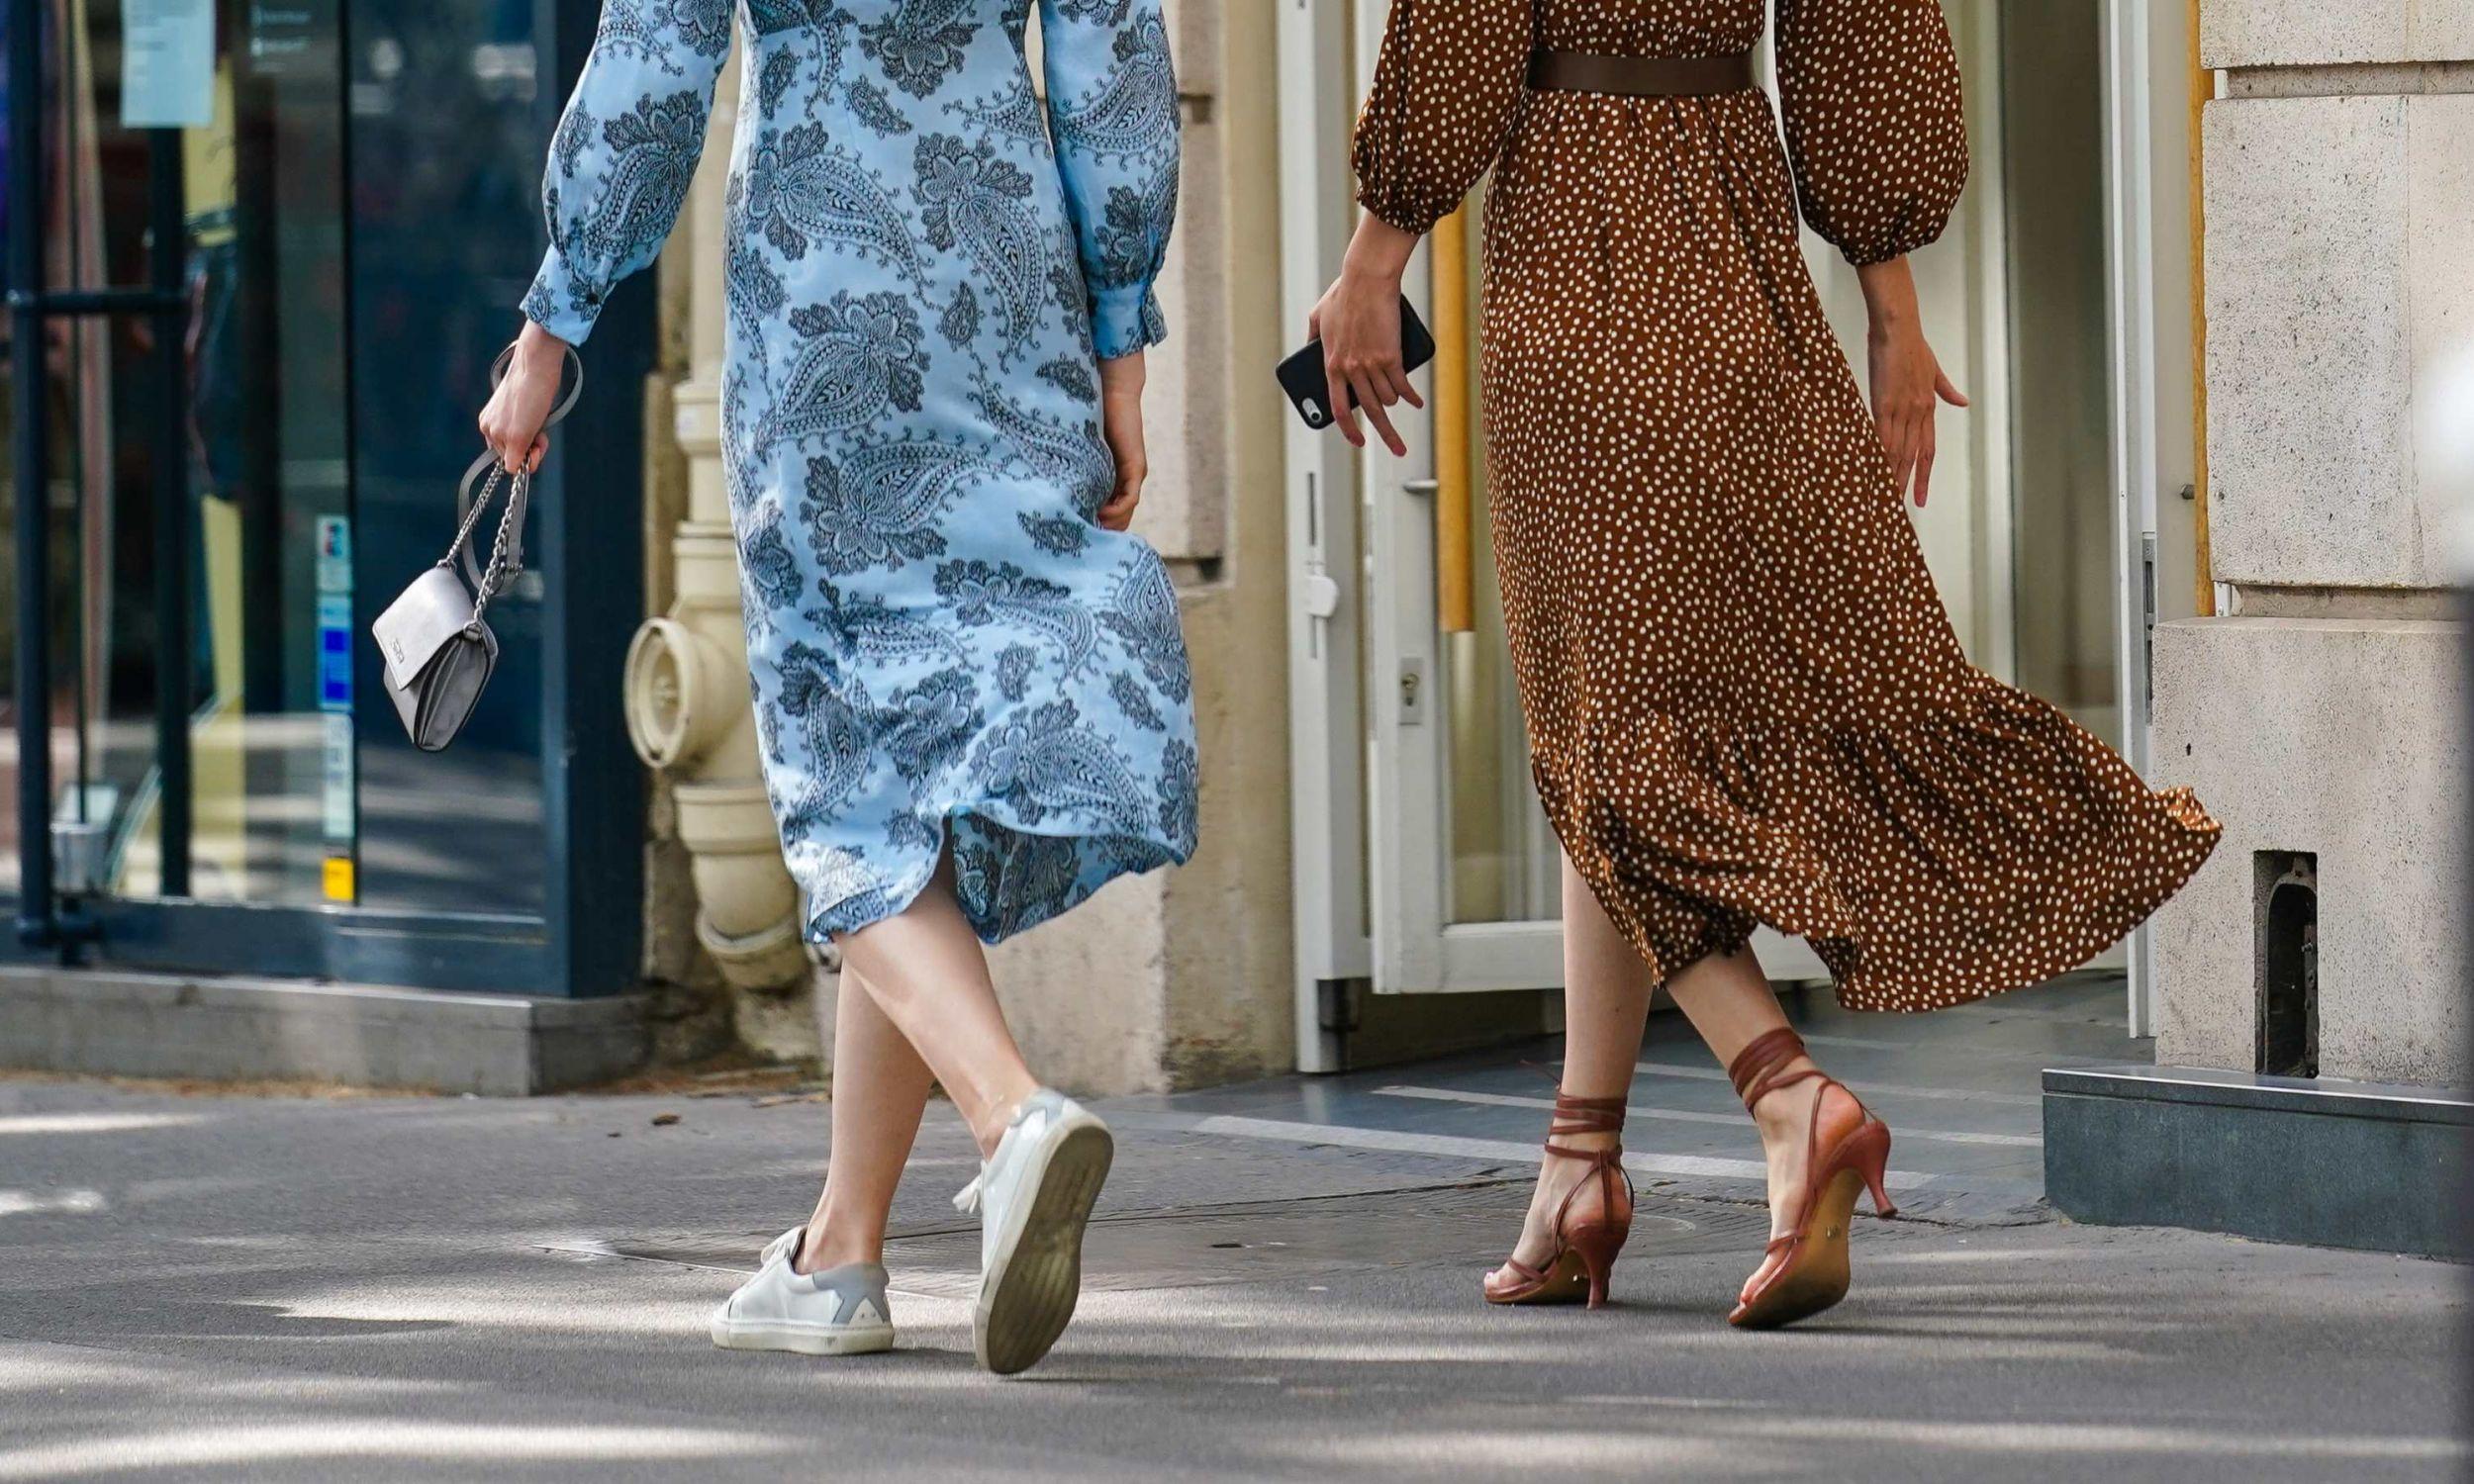 Kiedyś panie, które zakładały but na płaskiej, elastycznej podeszwie do wizytowego stroju, uważano za nieobeznane z zasadami elegancji. Dziś przeciwnie. Paryska ulica w czerwcu 2020 roku. Fot. Edward Berthelot/Getty Images